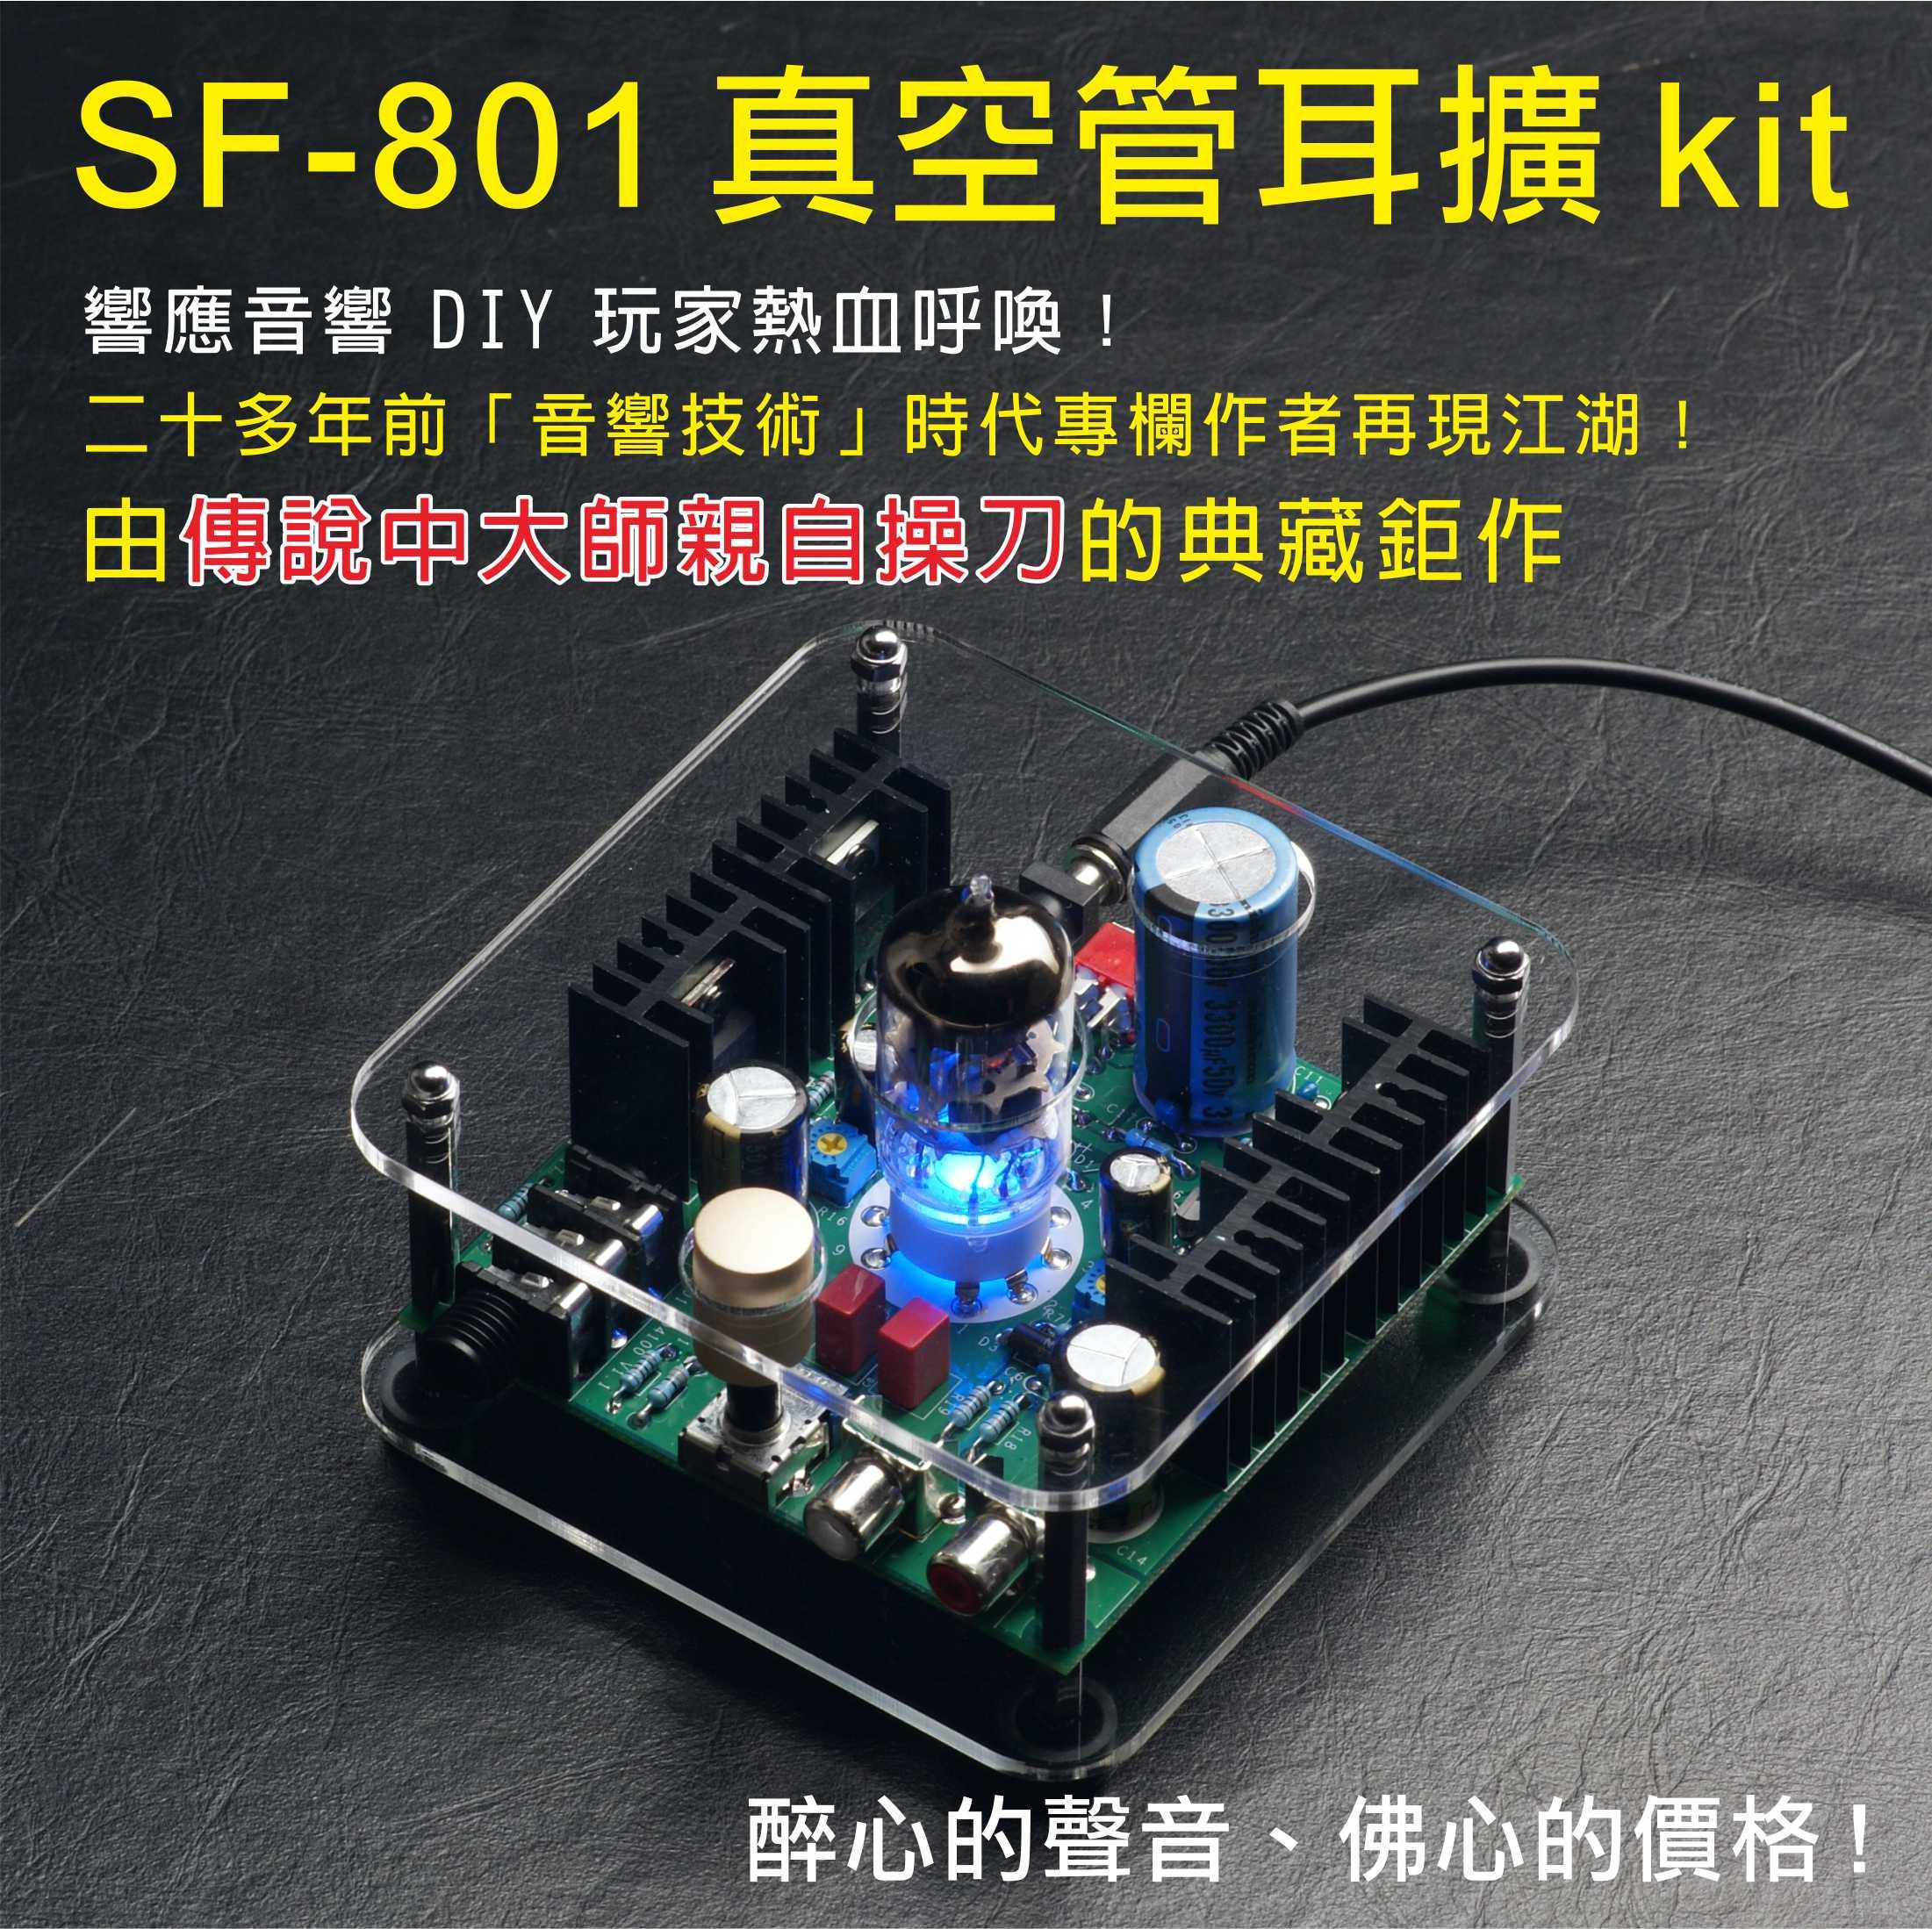 SF-801 真空管耳擴 kit 代組裝版【現貨供應中】ECC802S